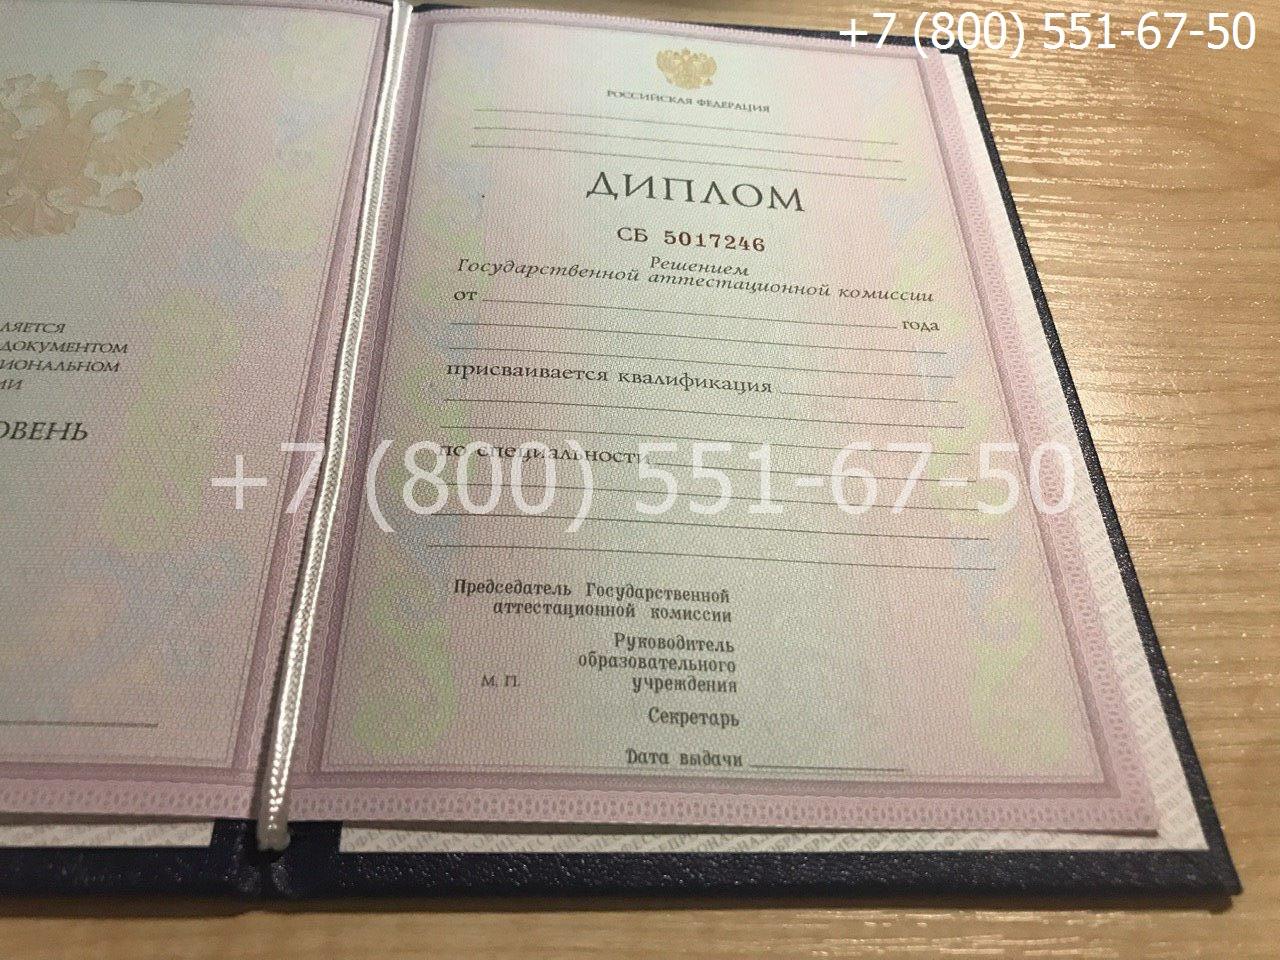 Диплом техникума 2004-2006 годов, старого образца-1